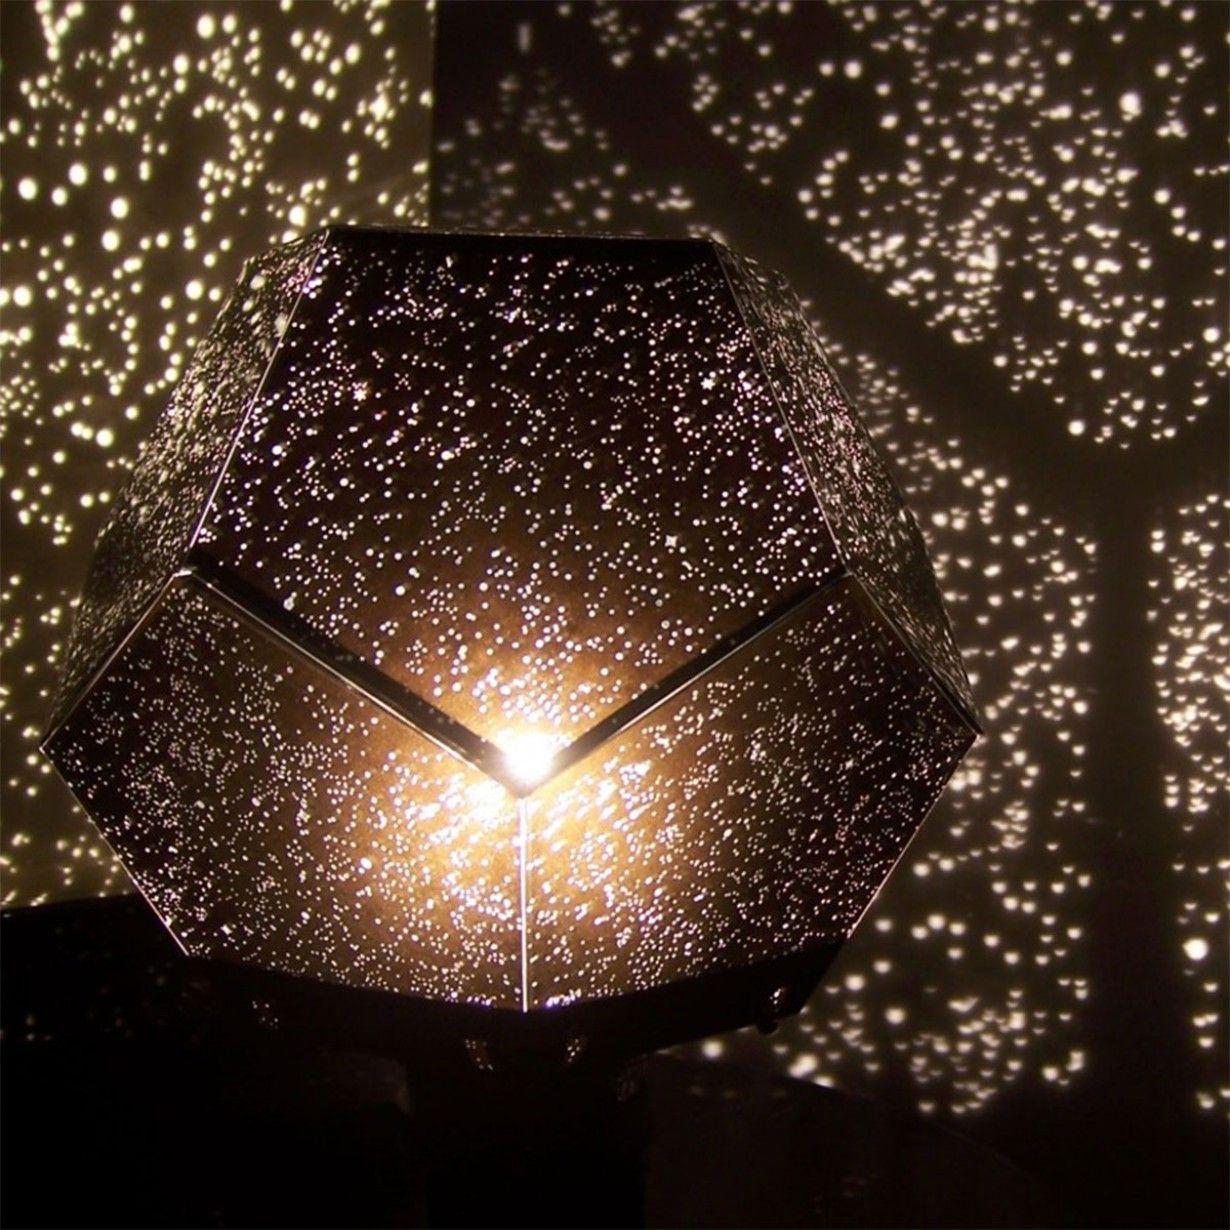 Diy Sternenhimmel der diy sternenhimmel projektor für ein freundliches miniatur